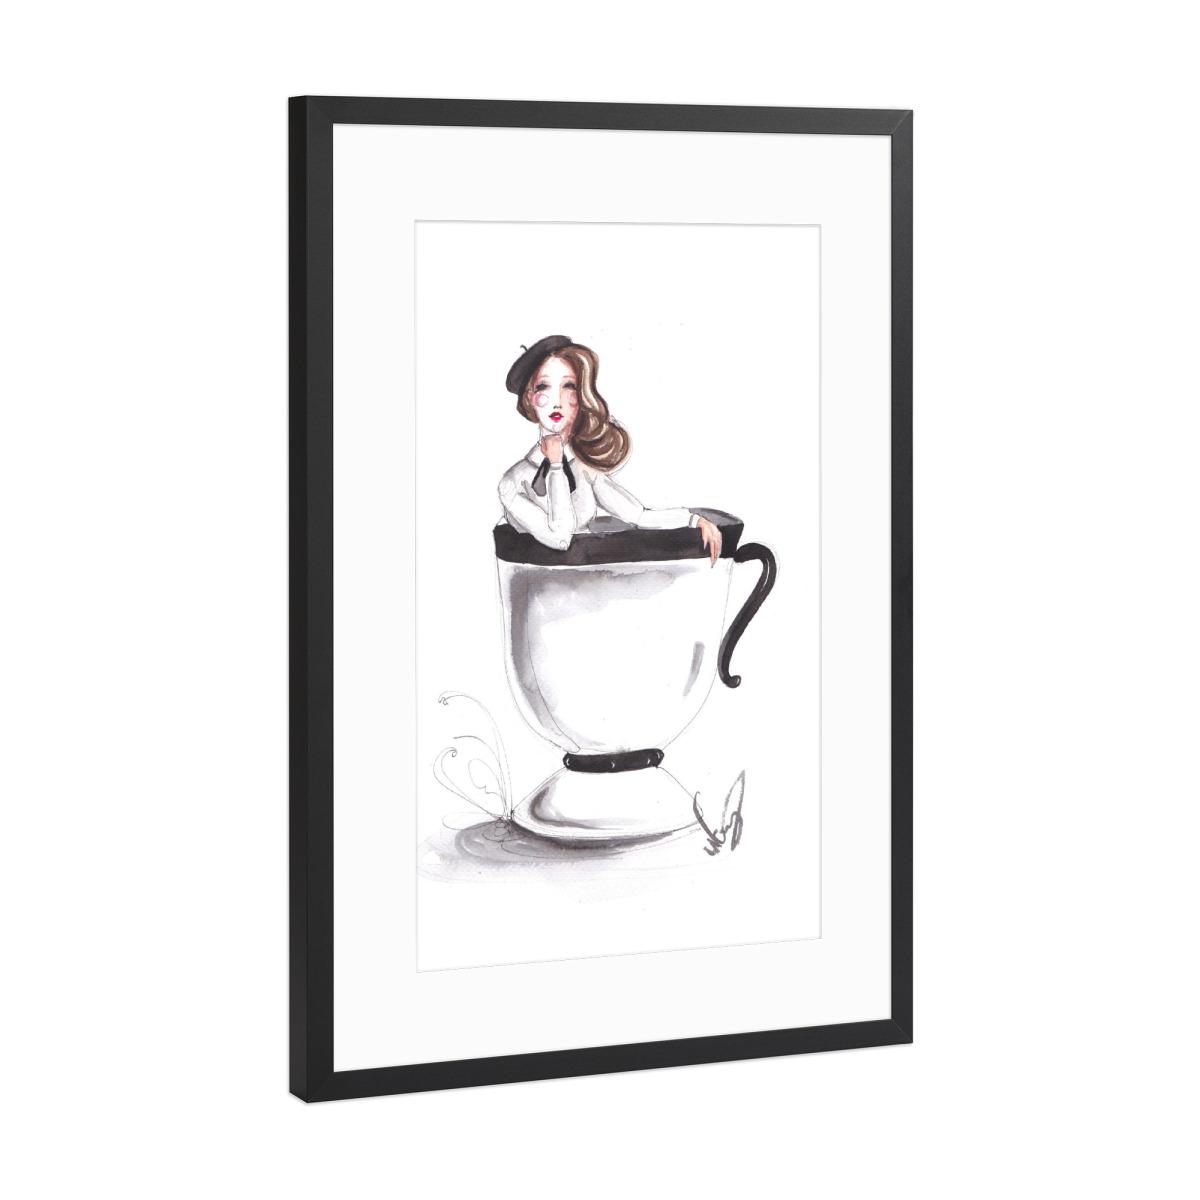 Coffee Bath als Gerahmt bei artboxONE kaufen